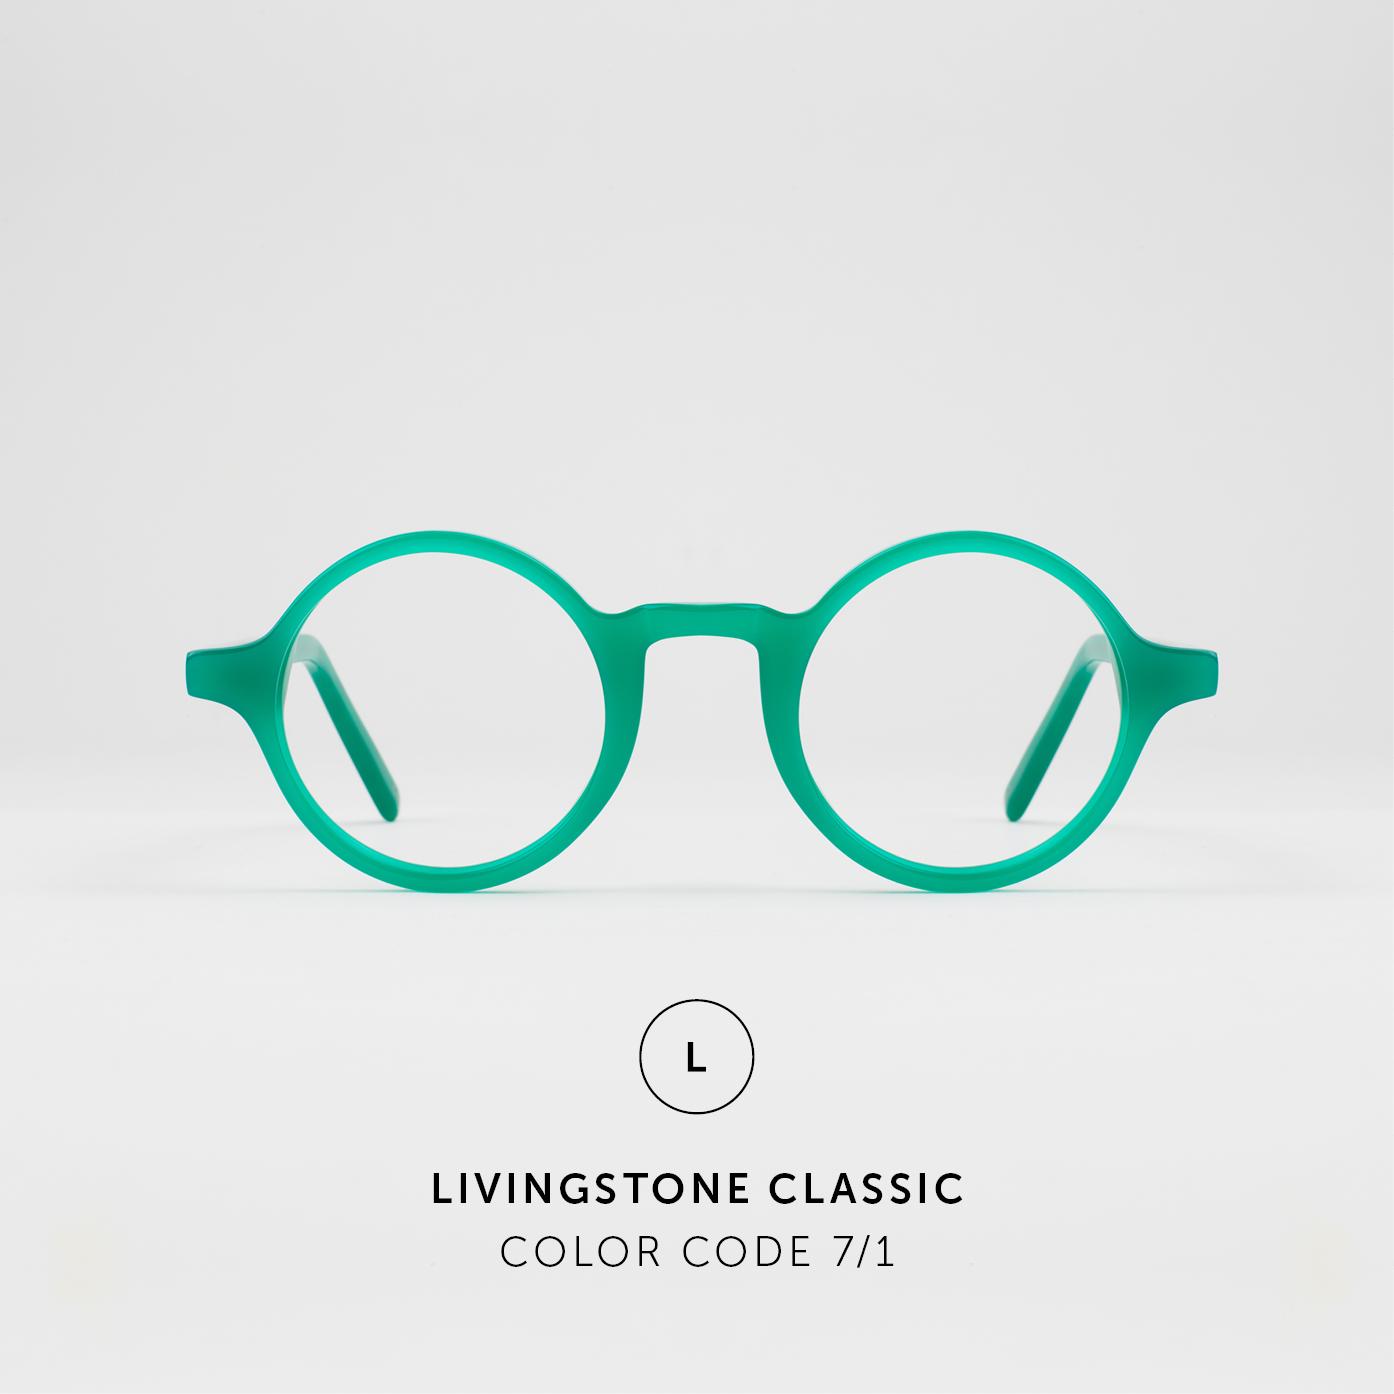 LivingstoneClassic33.jpg